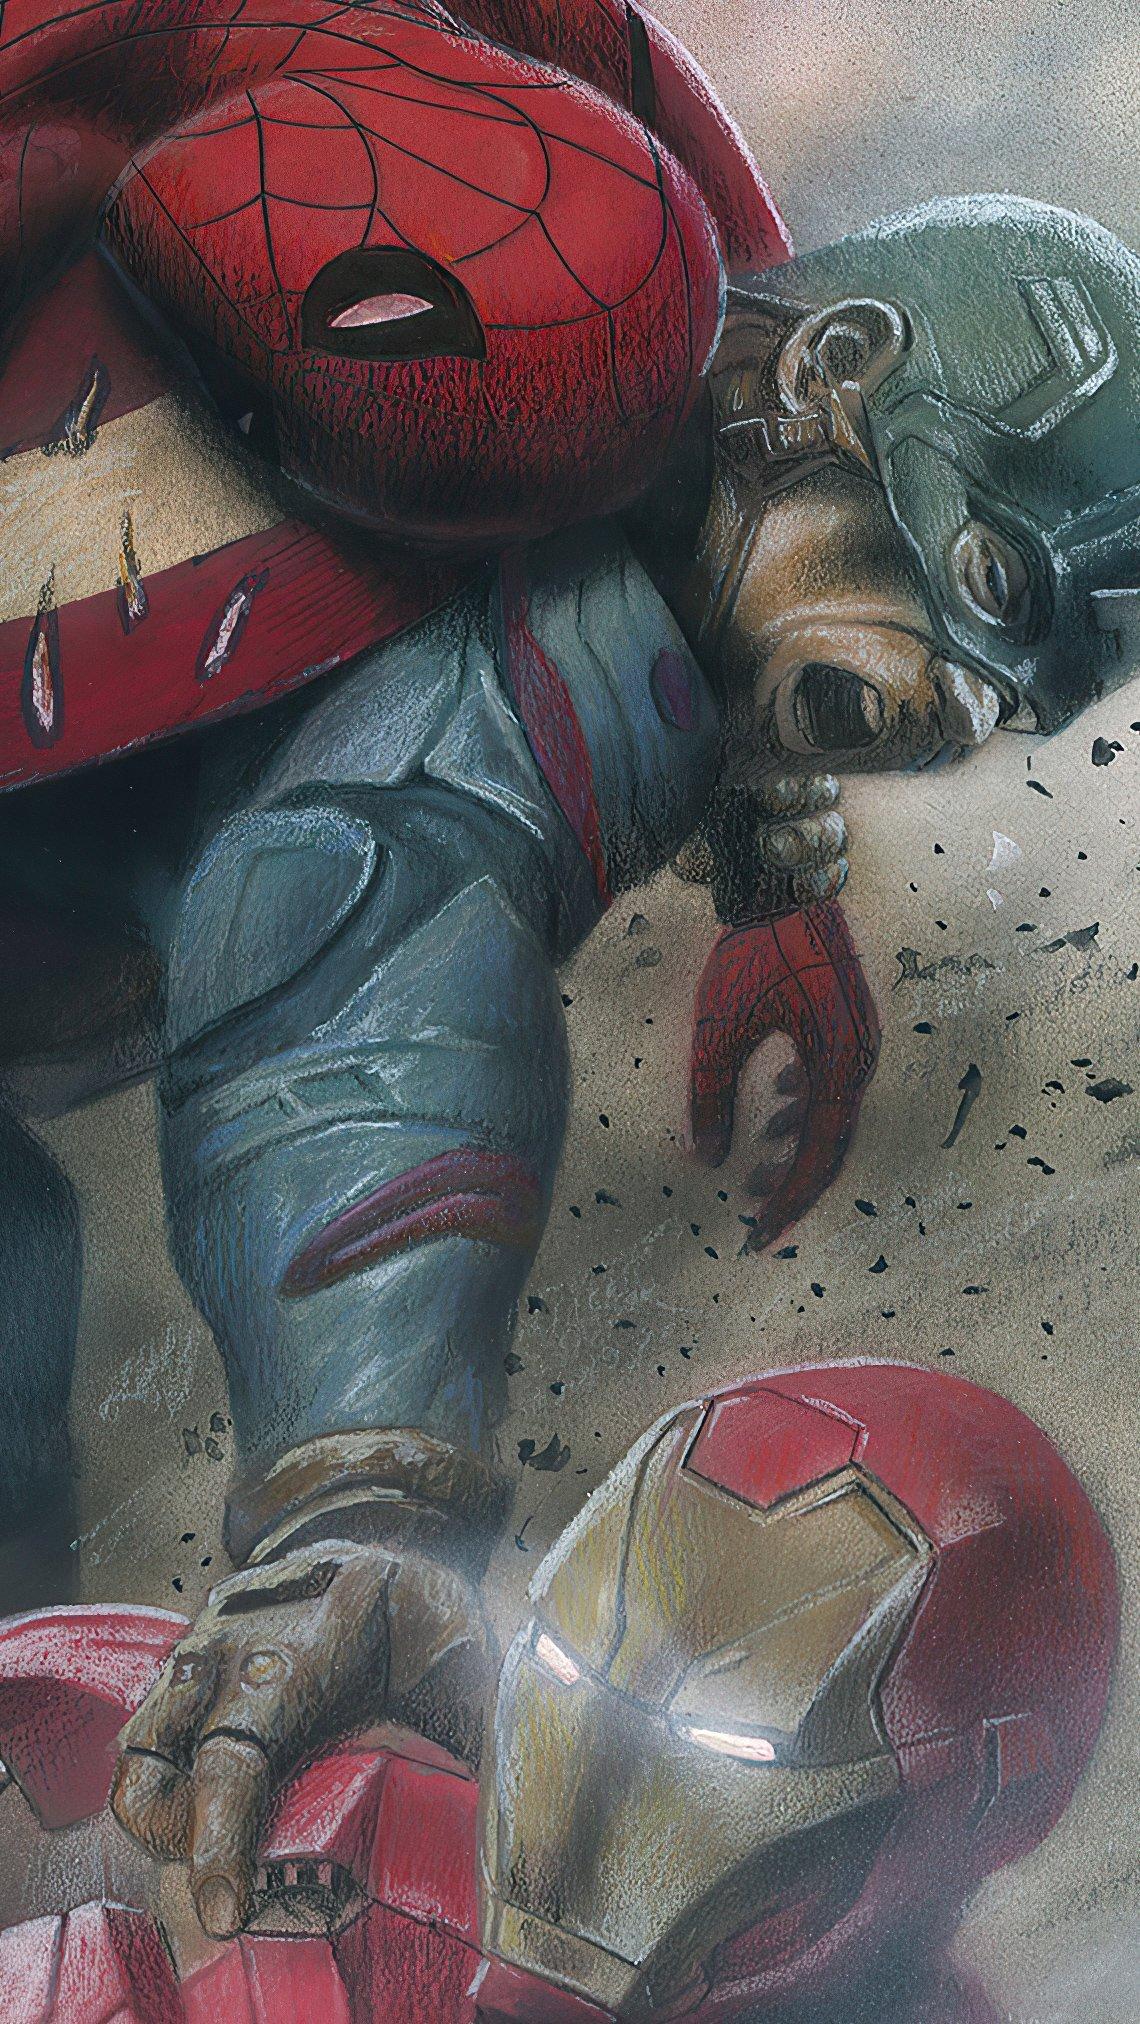 Fondos de pantalla Capitan America, El hombre araña y Iron Man en lucha Vertical